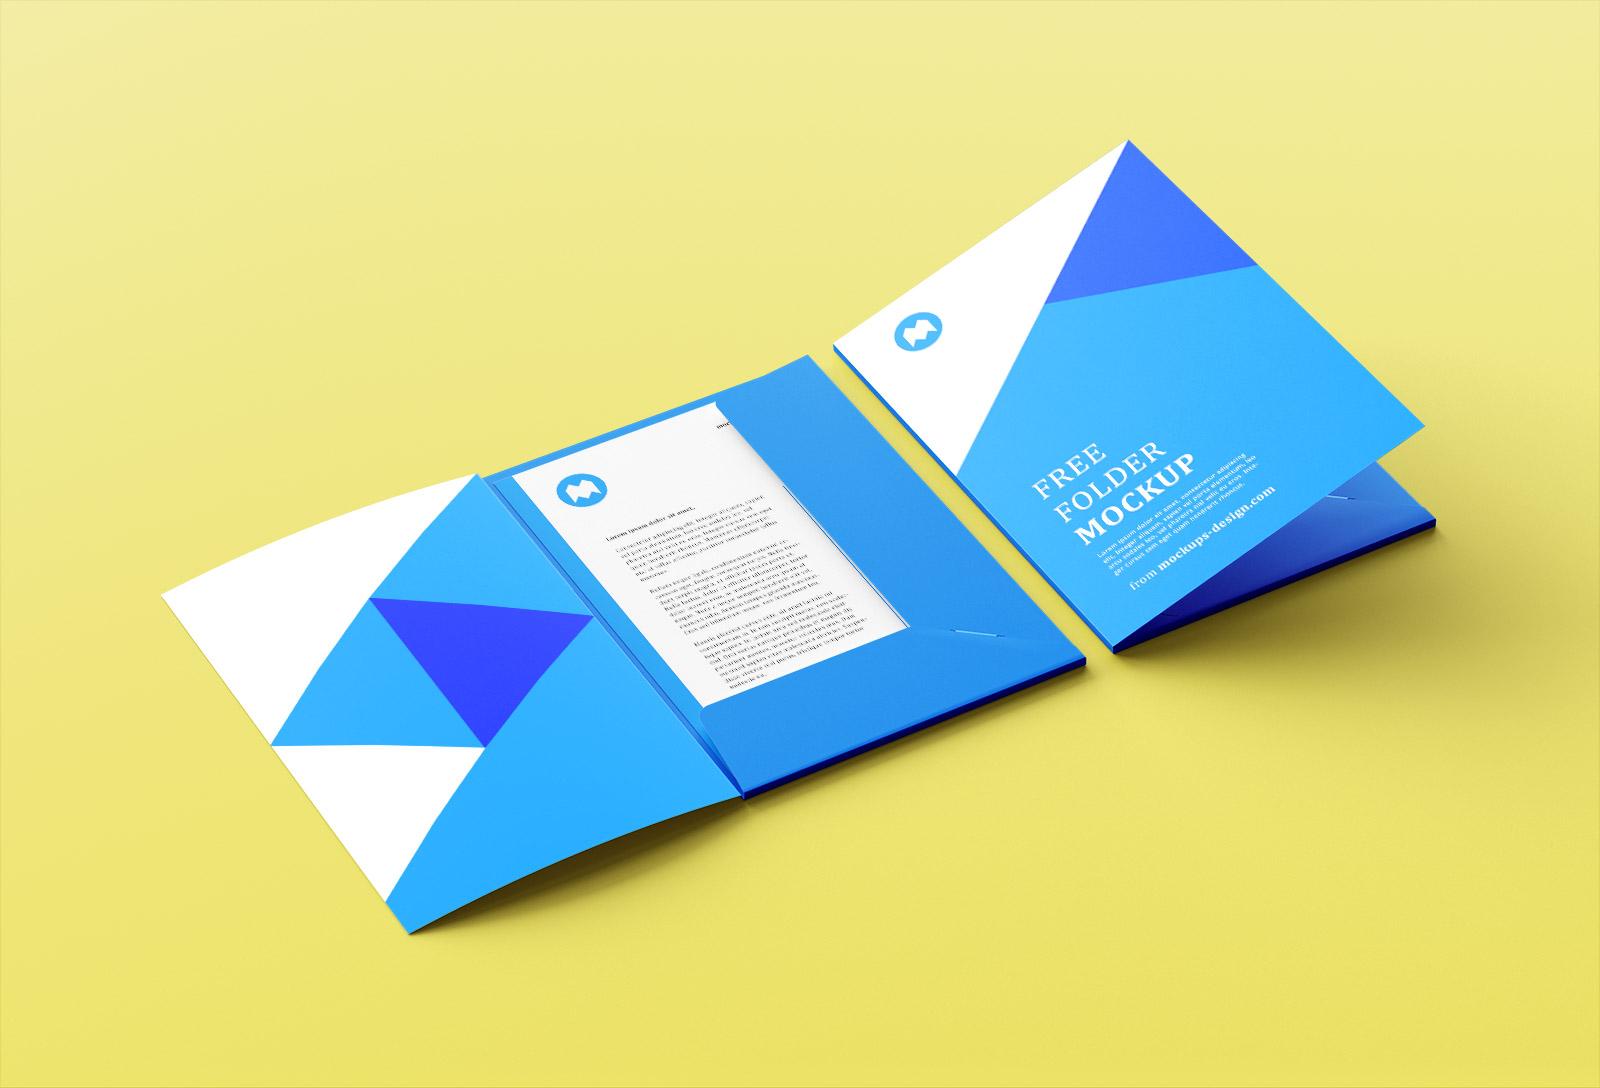 Free-A4-Size-Folder-Mockup-PSD-Set